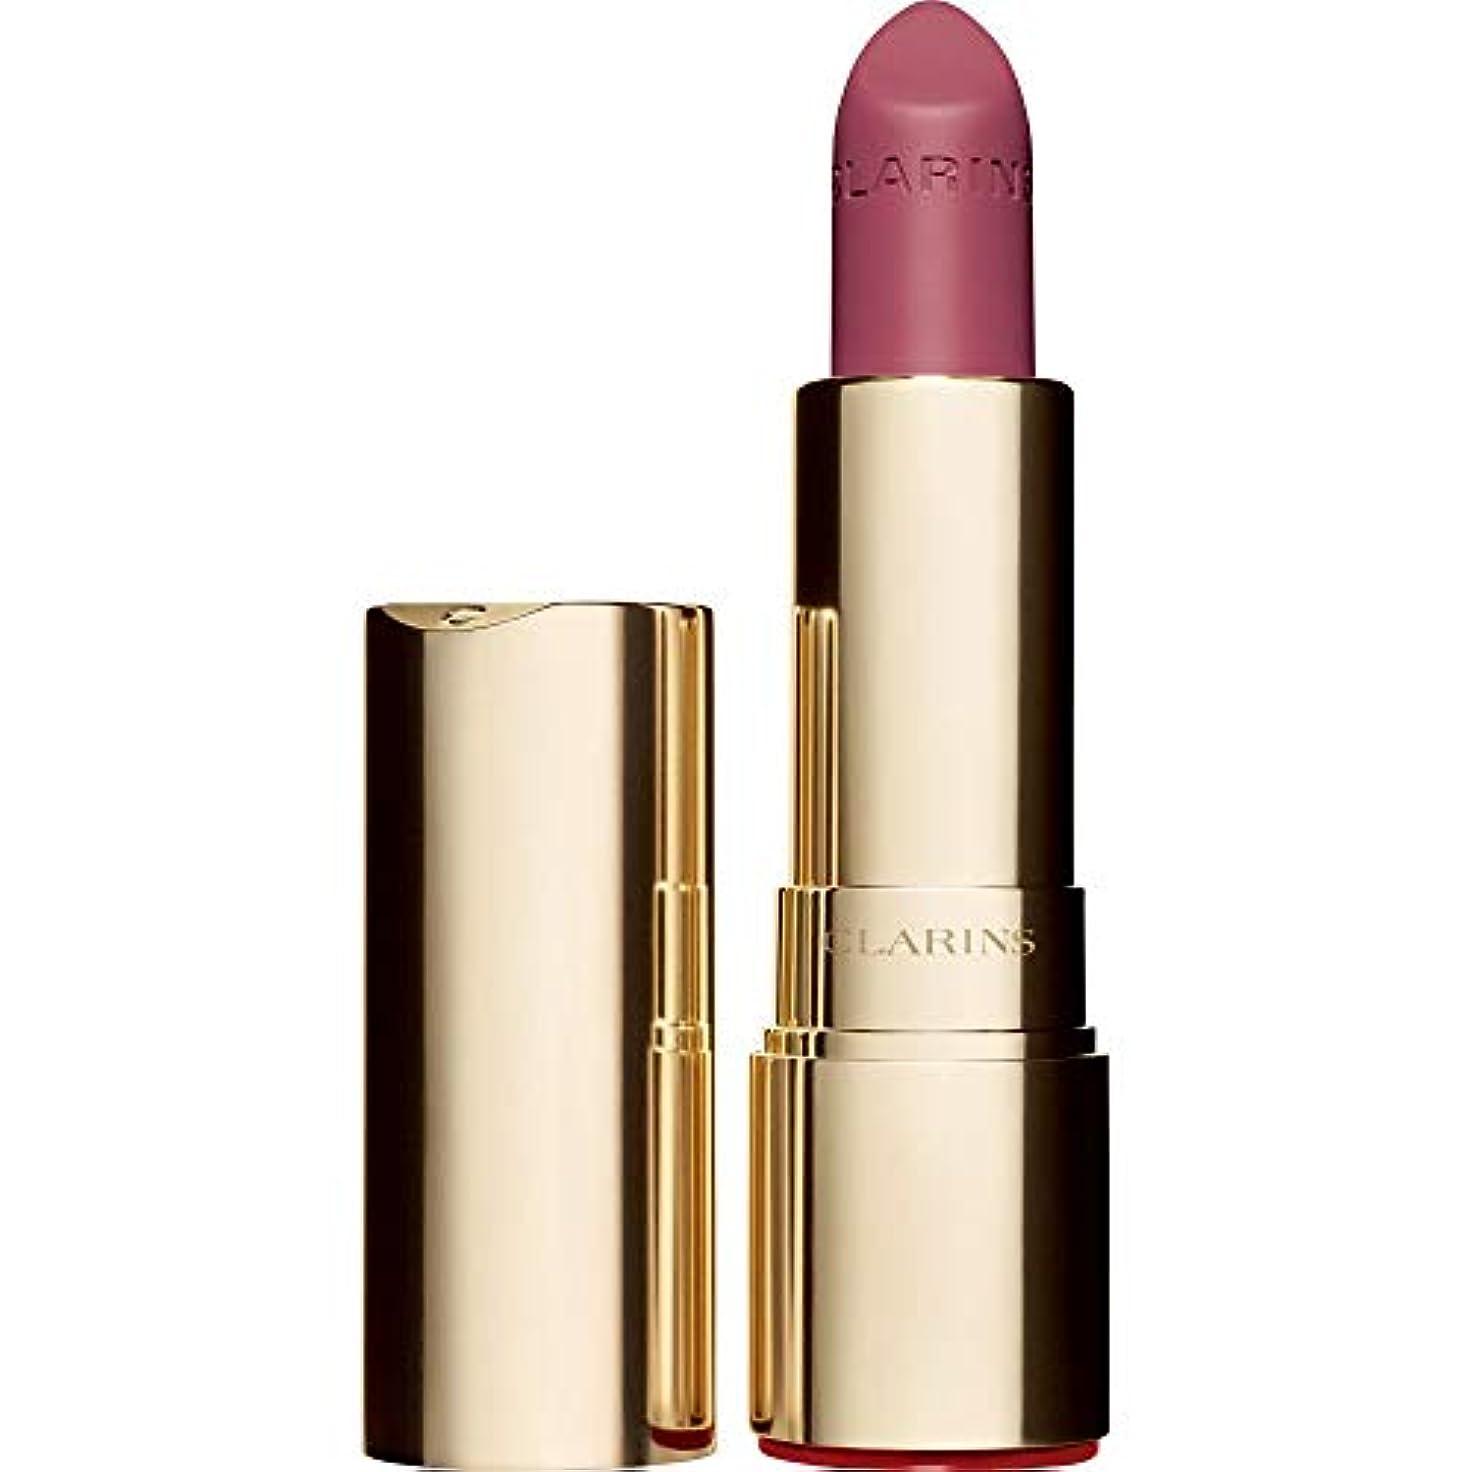 任命する懐疑論ブーム[Clarins ] クラランスジョリルージュのベルベットの口紅3.5グラムの755V - レイシ - Clarins Joli Rouge Velvet Lipstick 3.5g 755V - Litchi [並行輸入品]